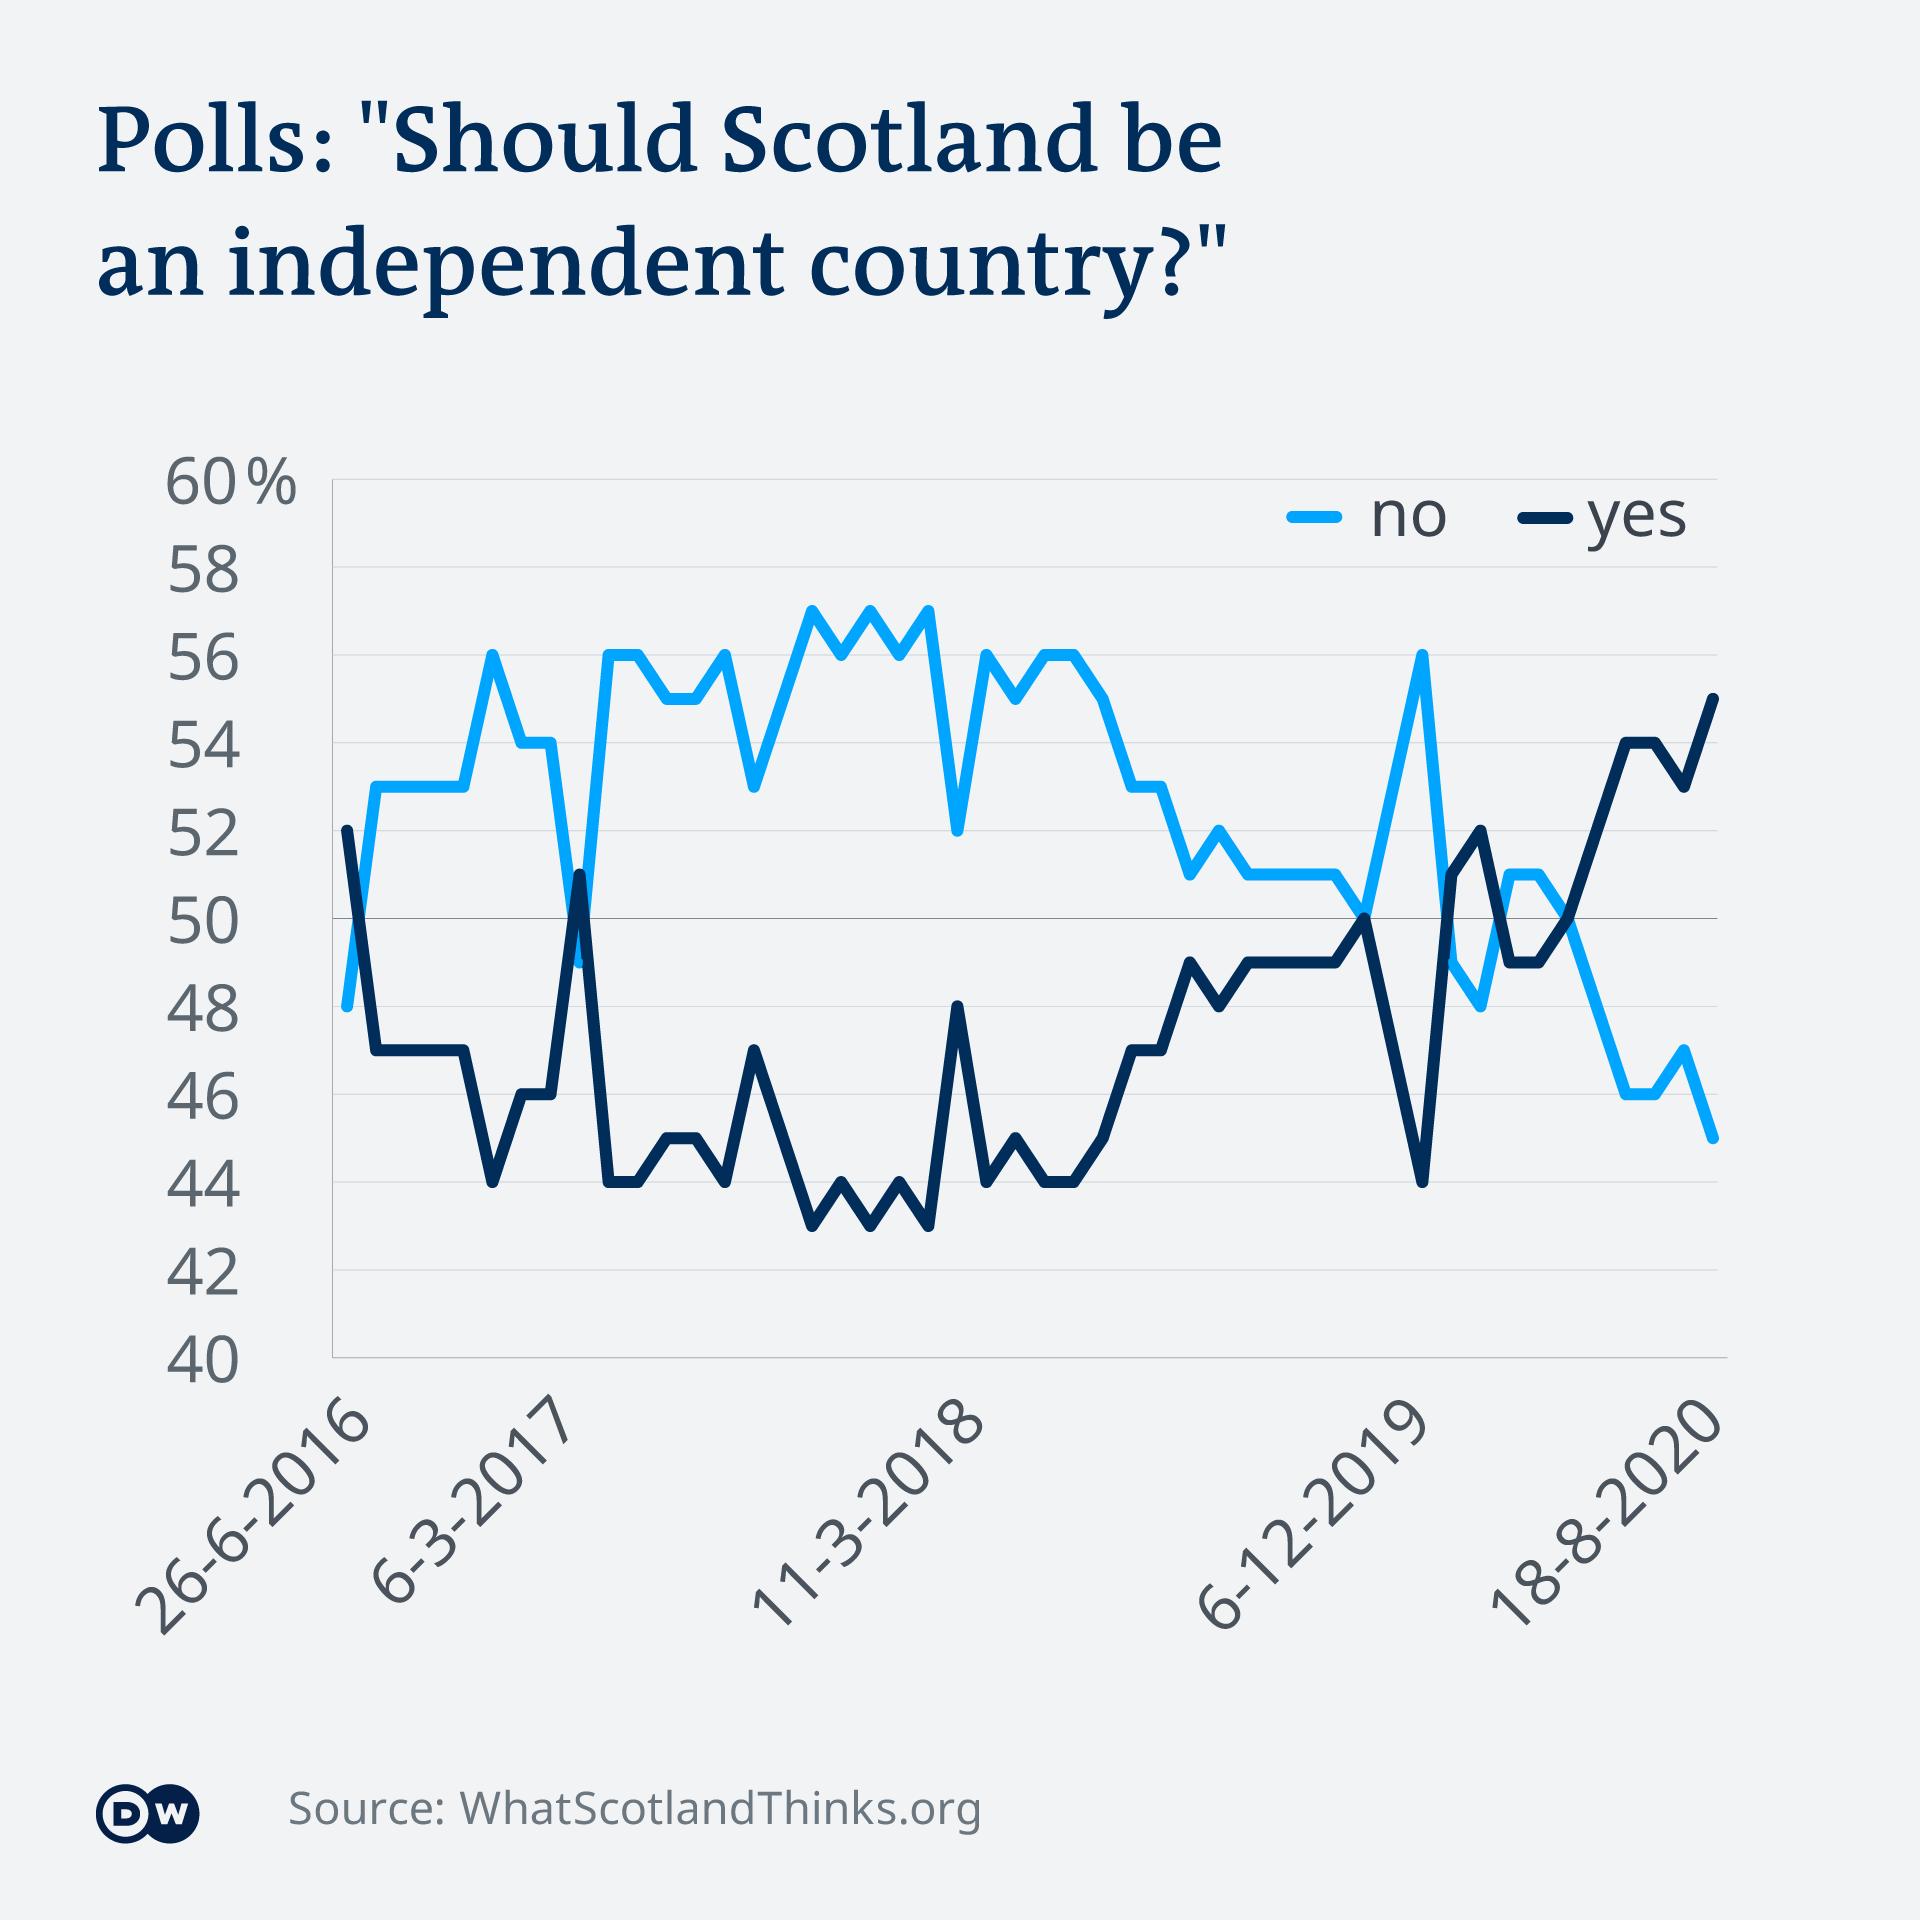 Podrška nezavisnosti Škotske od referenduma o Bregzitu do danas